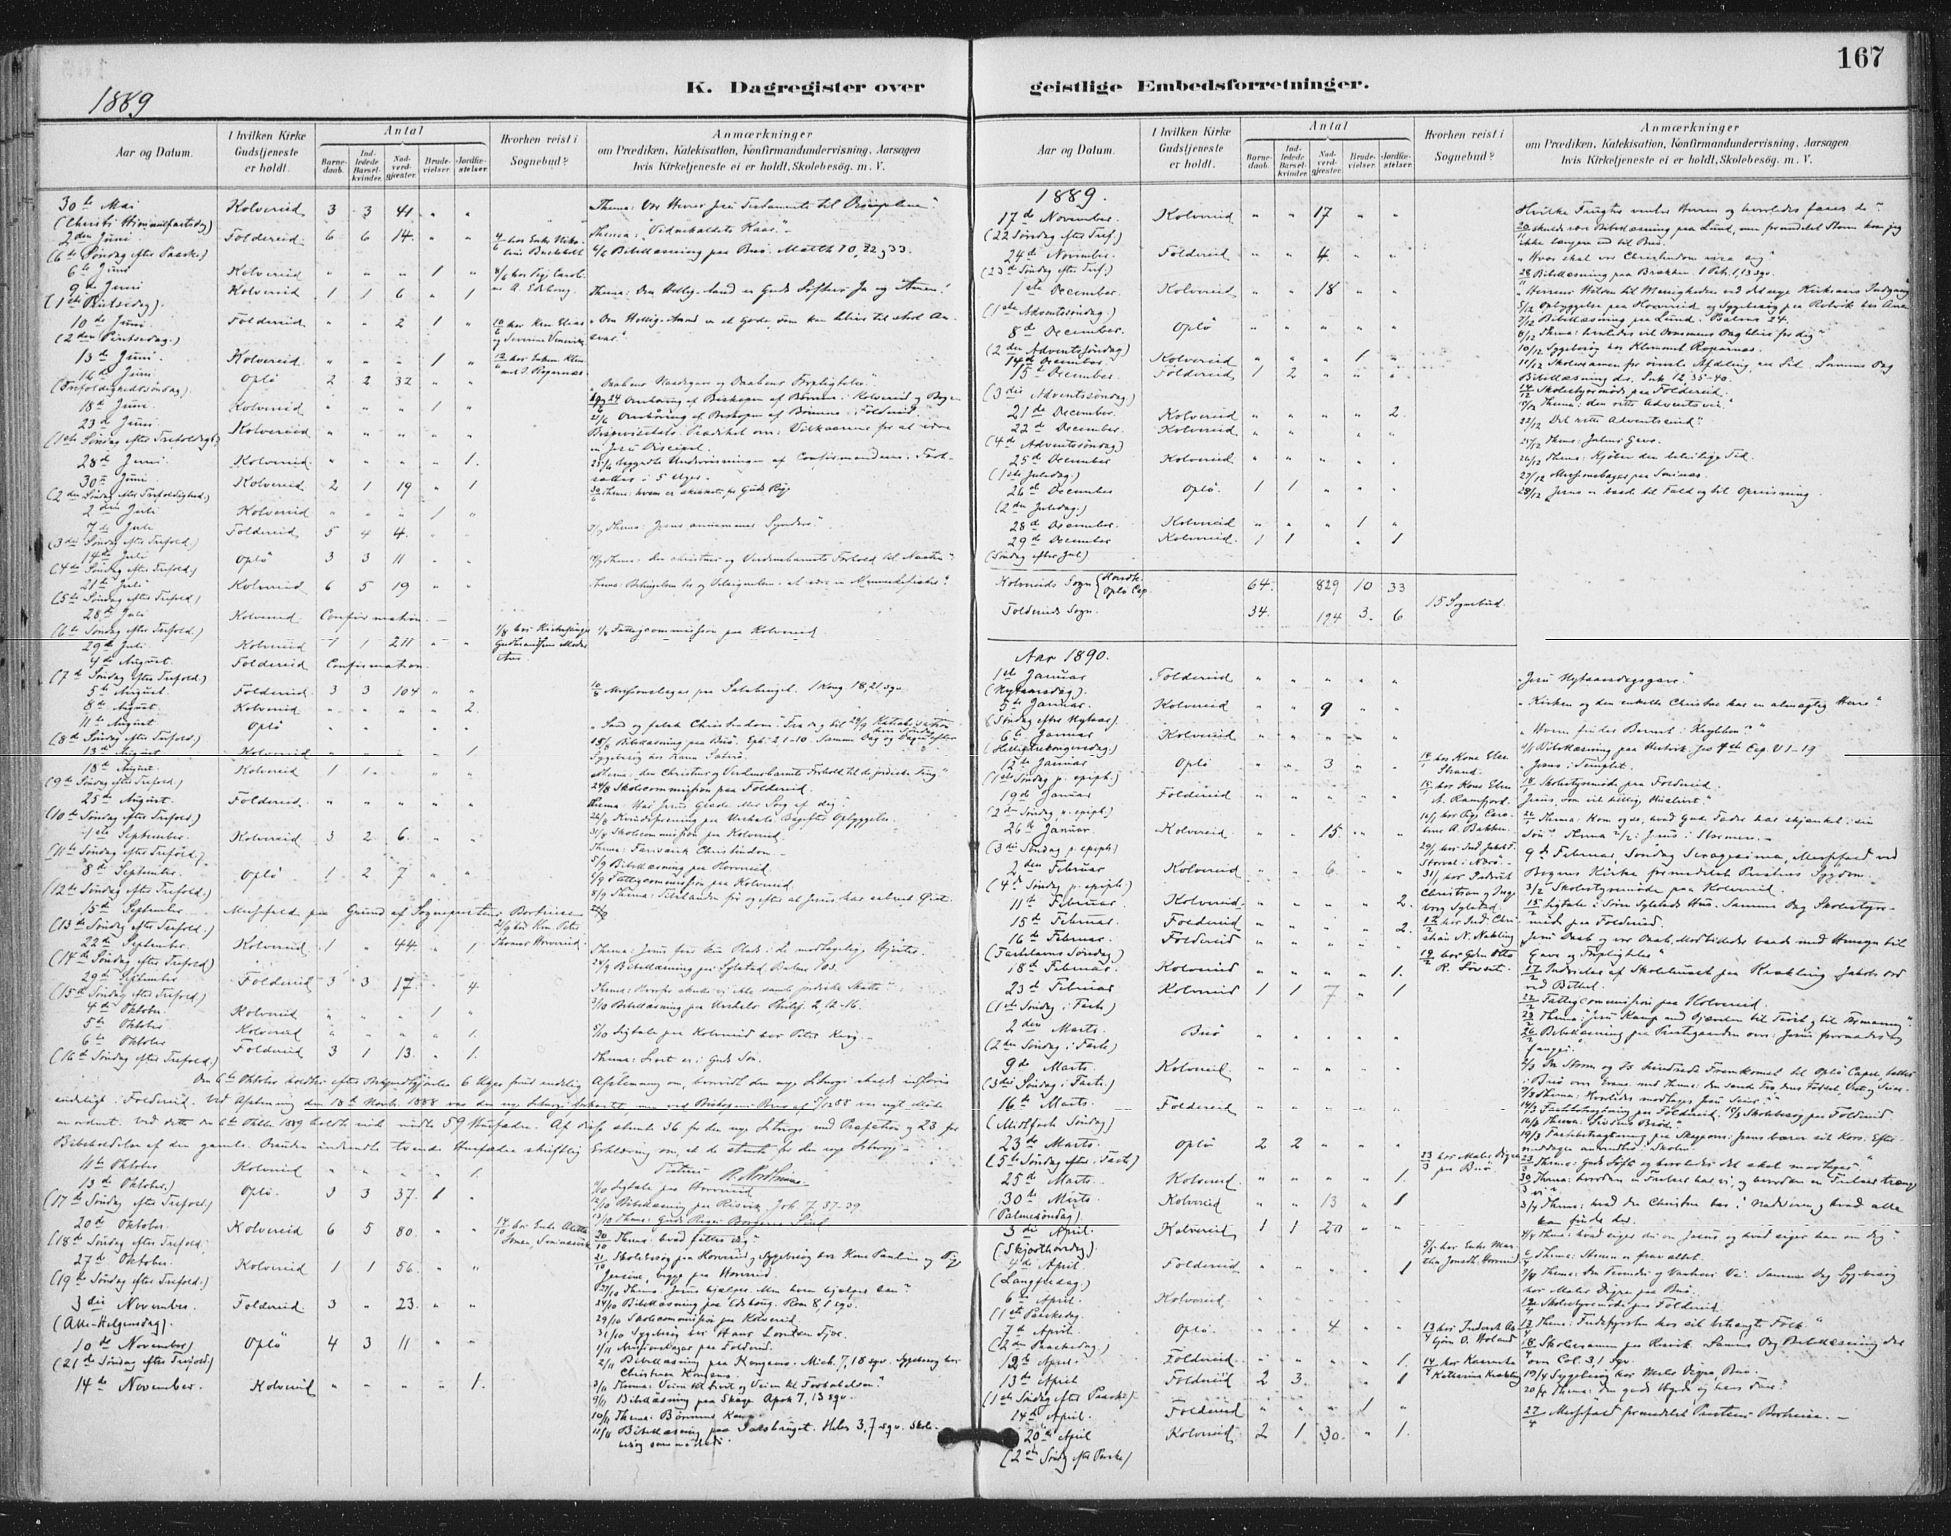 SAT, Ministerialprotokoller, klokkerbøker og fødselsregistre - Nord-Trøndelag, 783/L0660: Ministerialbok nr. 783A02, 1886-1918, s. 167